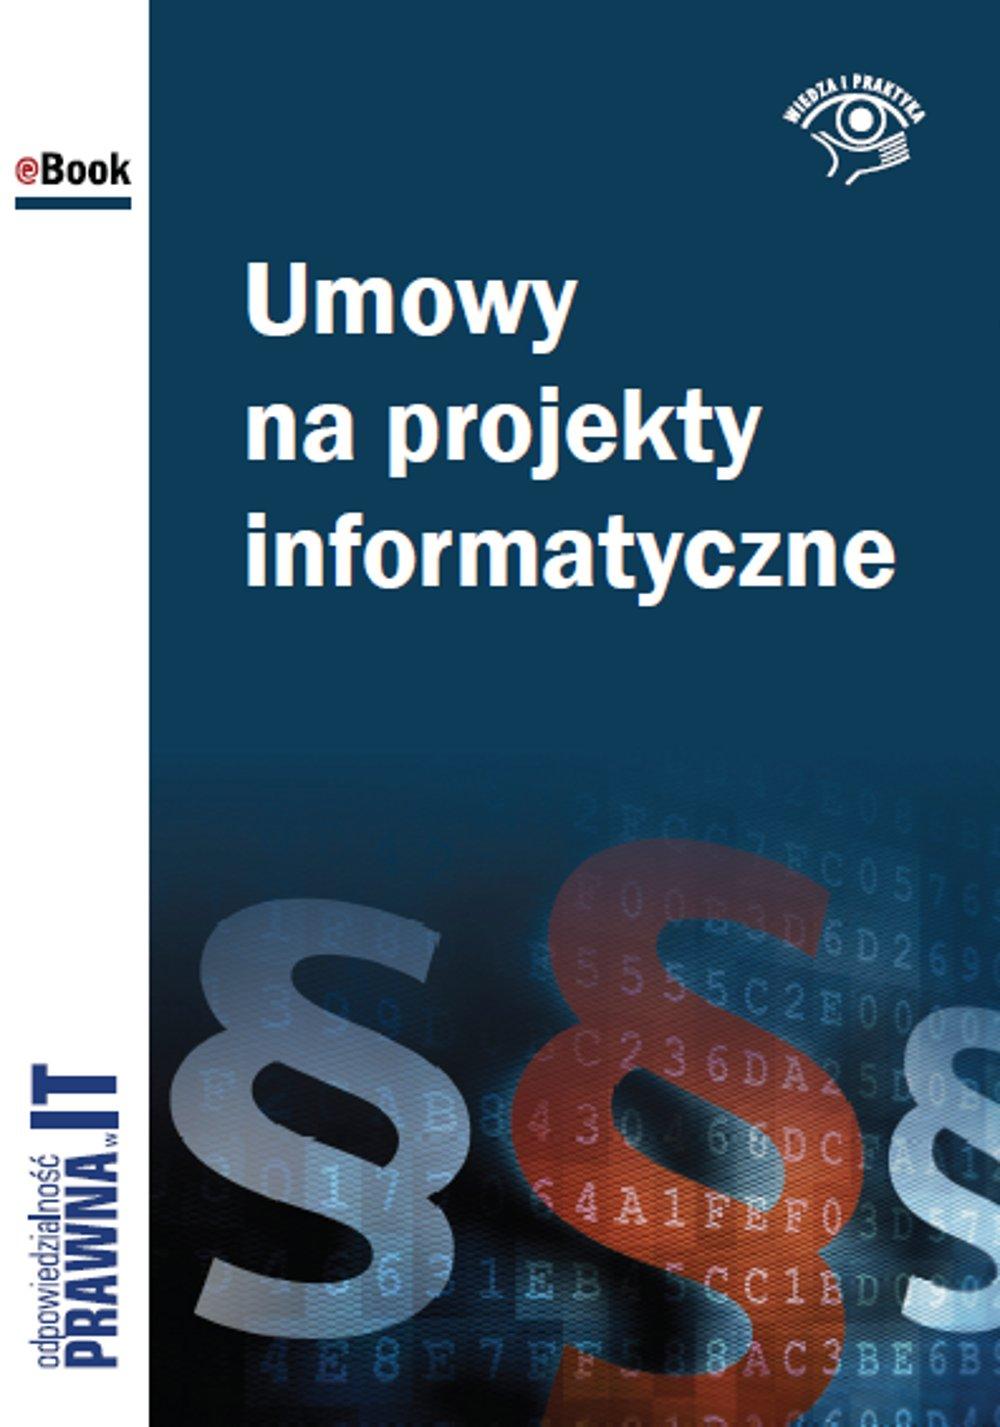 Umowy na projekty informatyczne - Ebook (Książka na Kindle) do pobrania w formacie MOBI